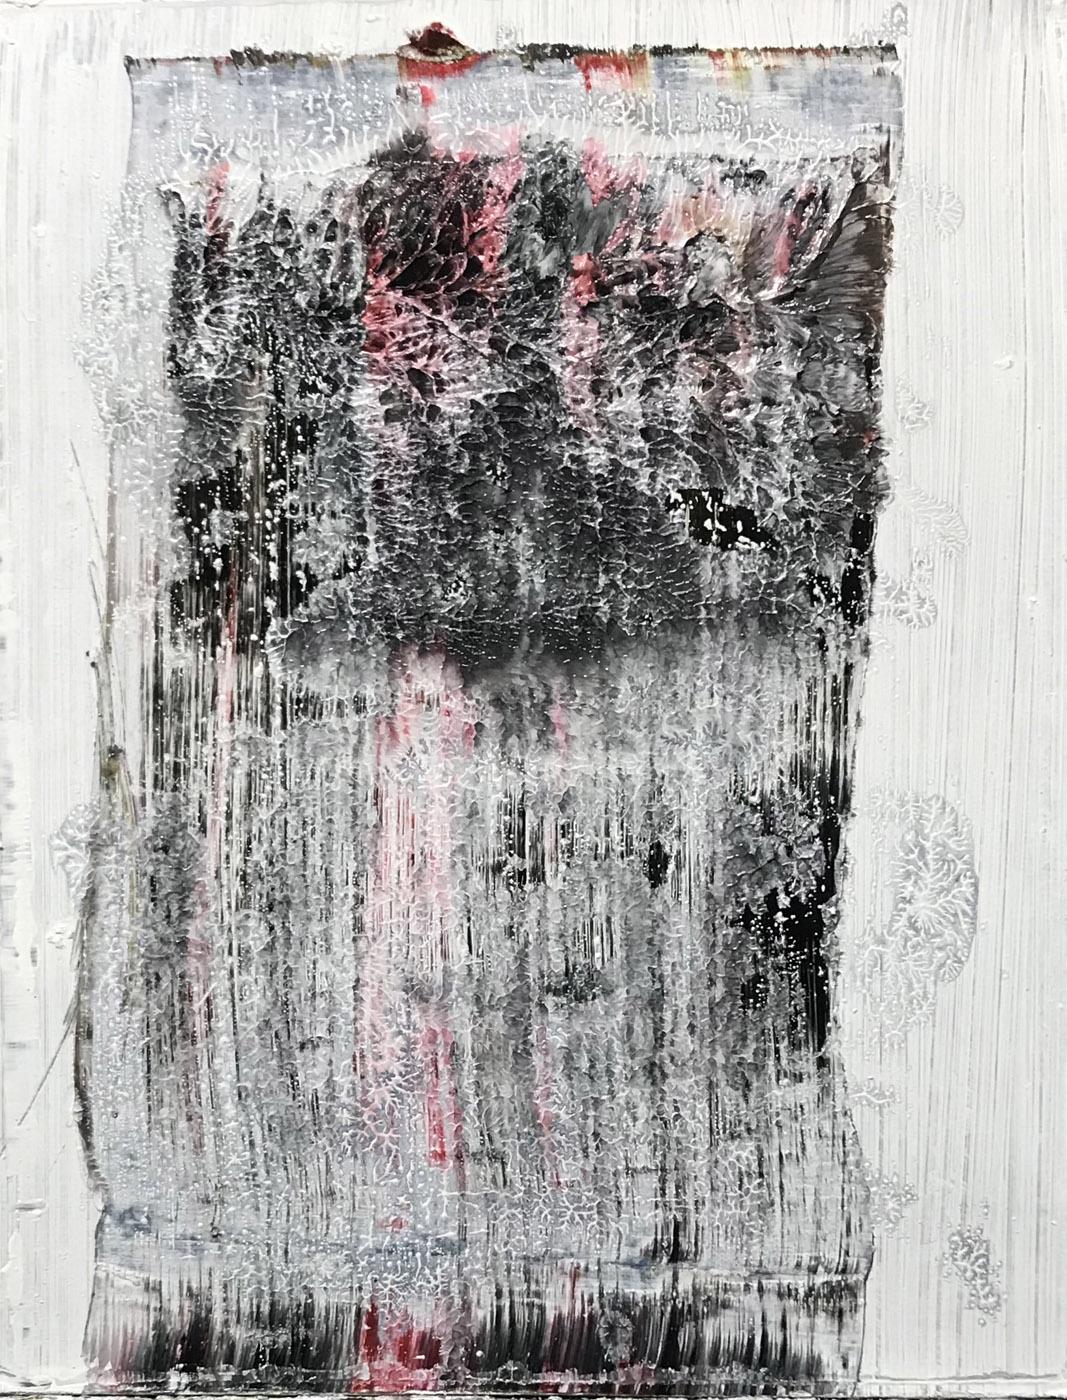 MARC FELD 2020 VACILLEMENT (pour Jacques Dupin) Huile sur papier marouflé sur toile 50 x 65 cm